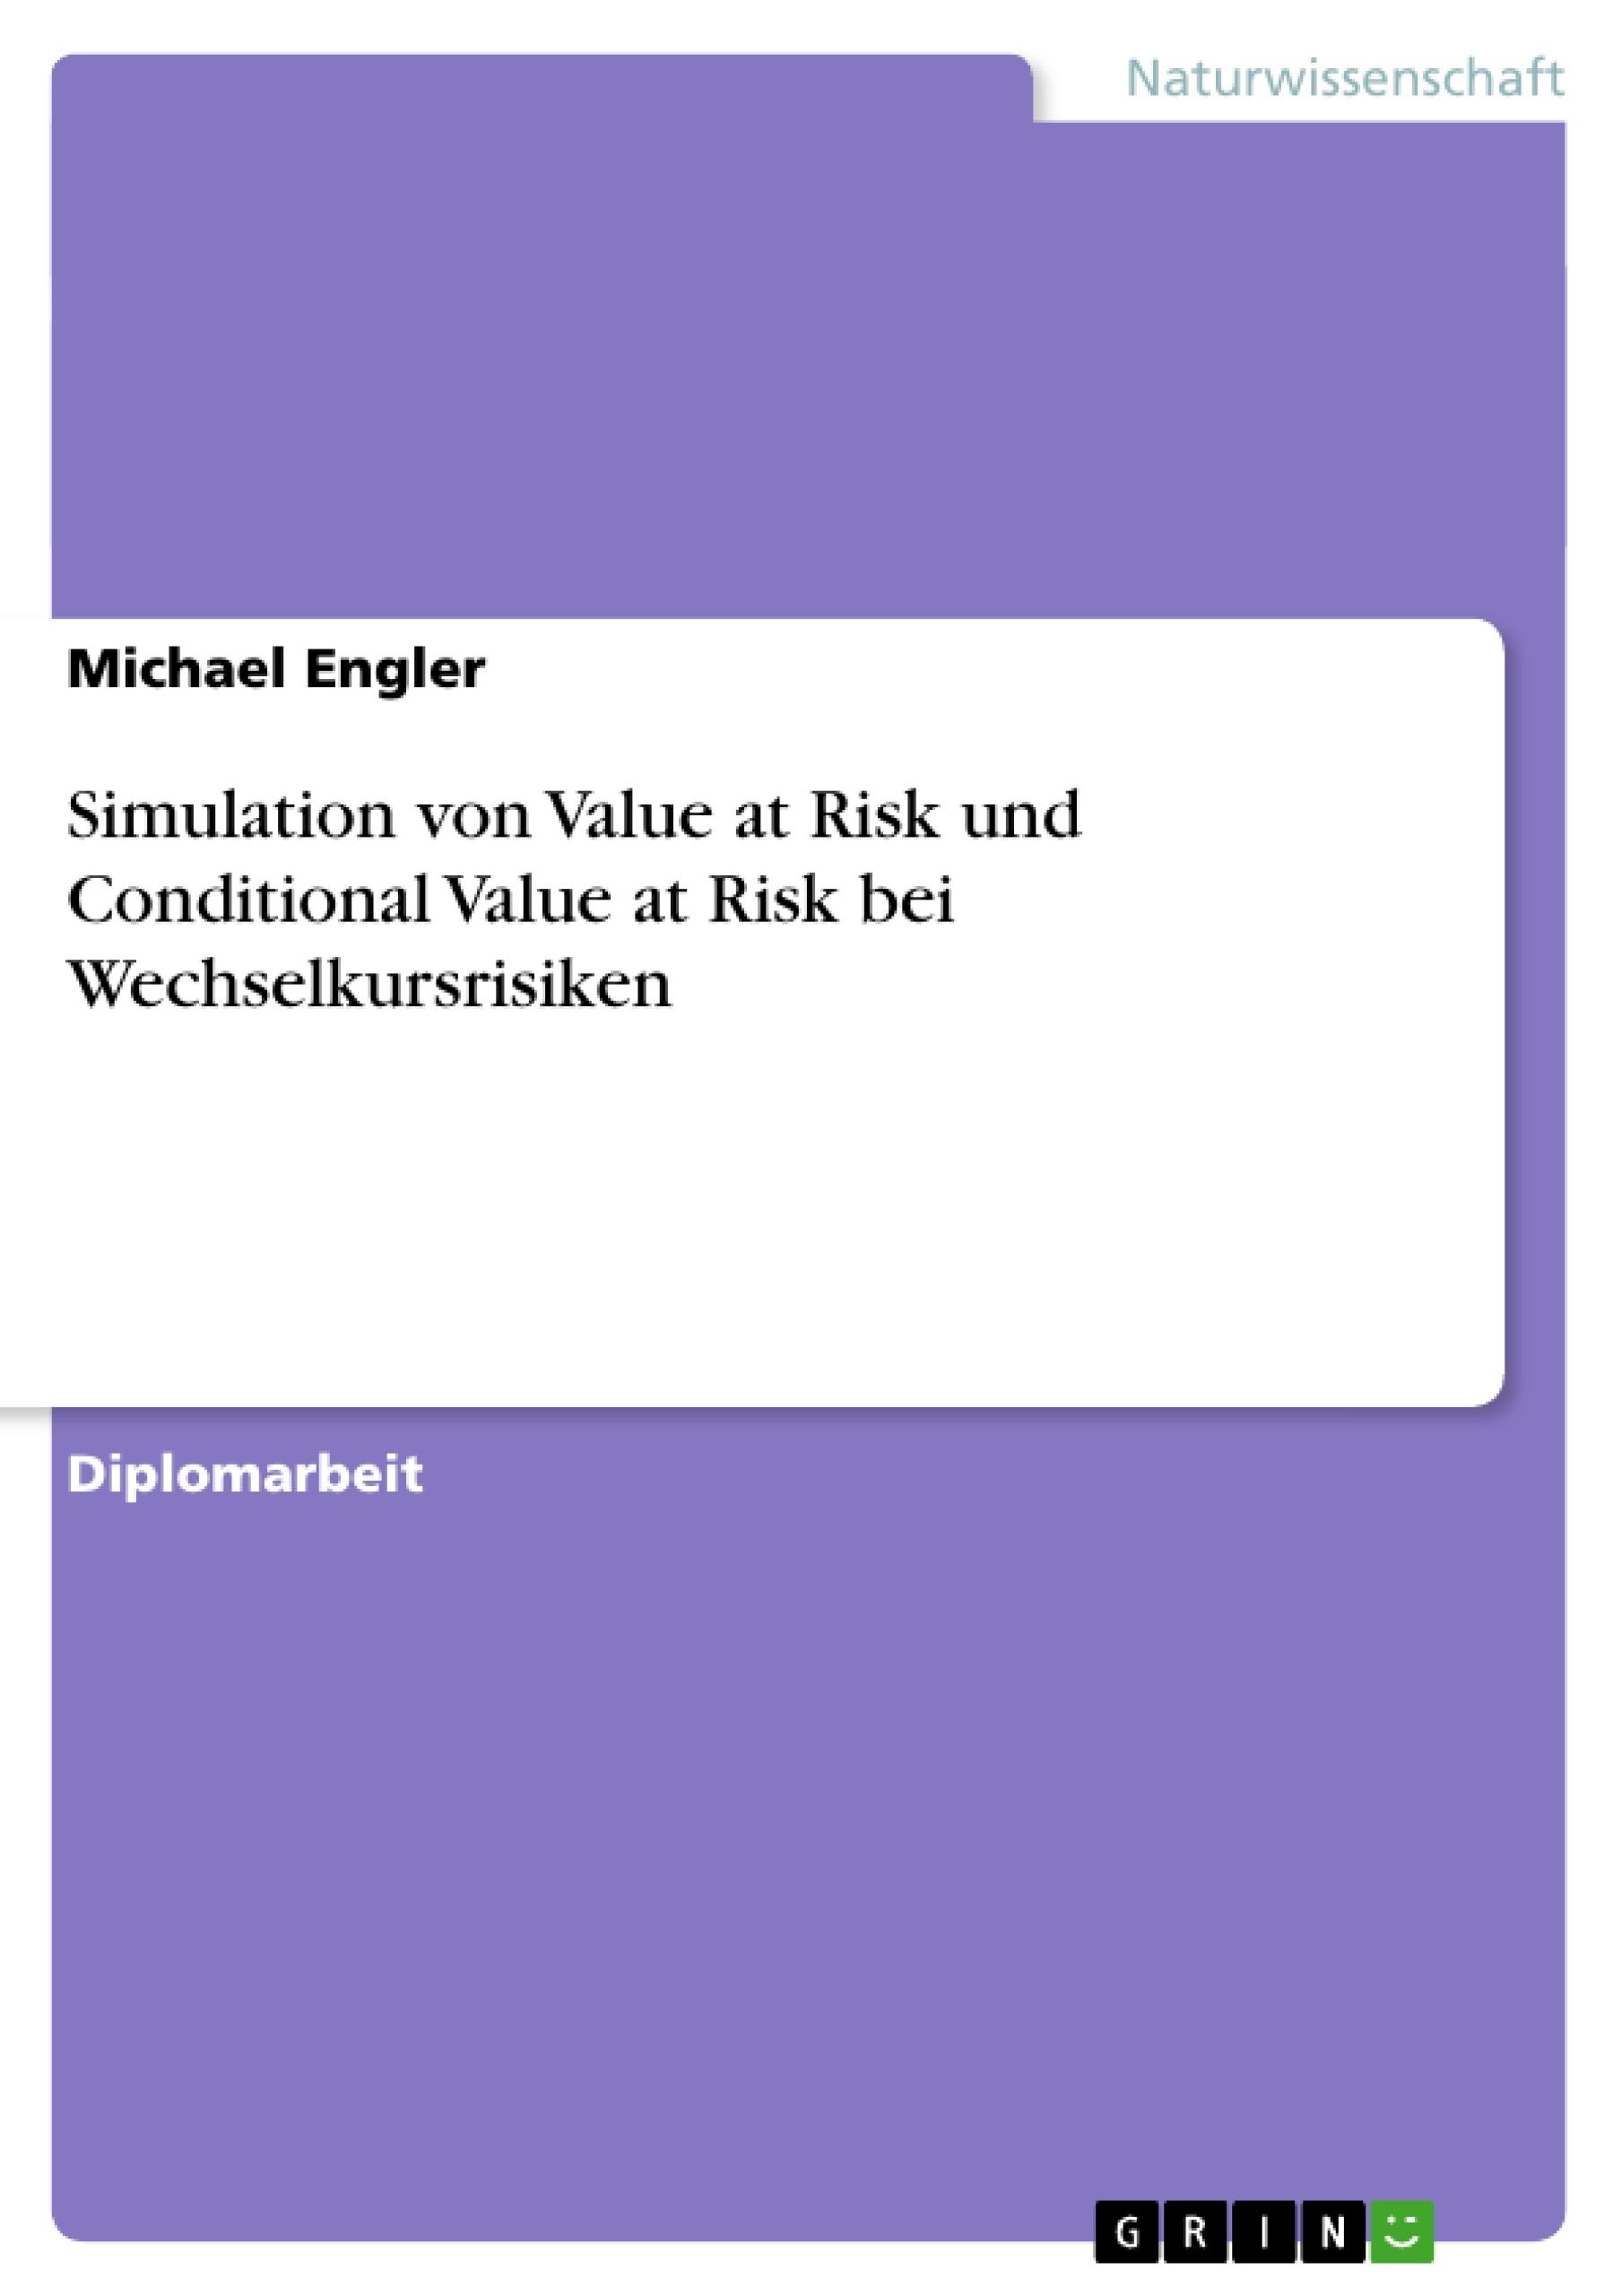 Titel: Simulation von Value at Risk und Conditional Value at Risk bei Wechselkursrisiken